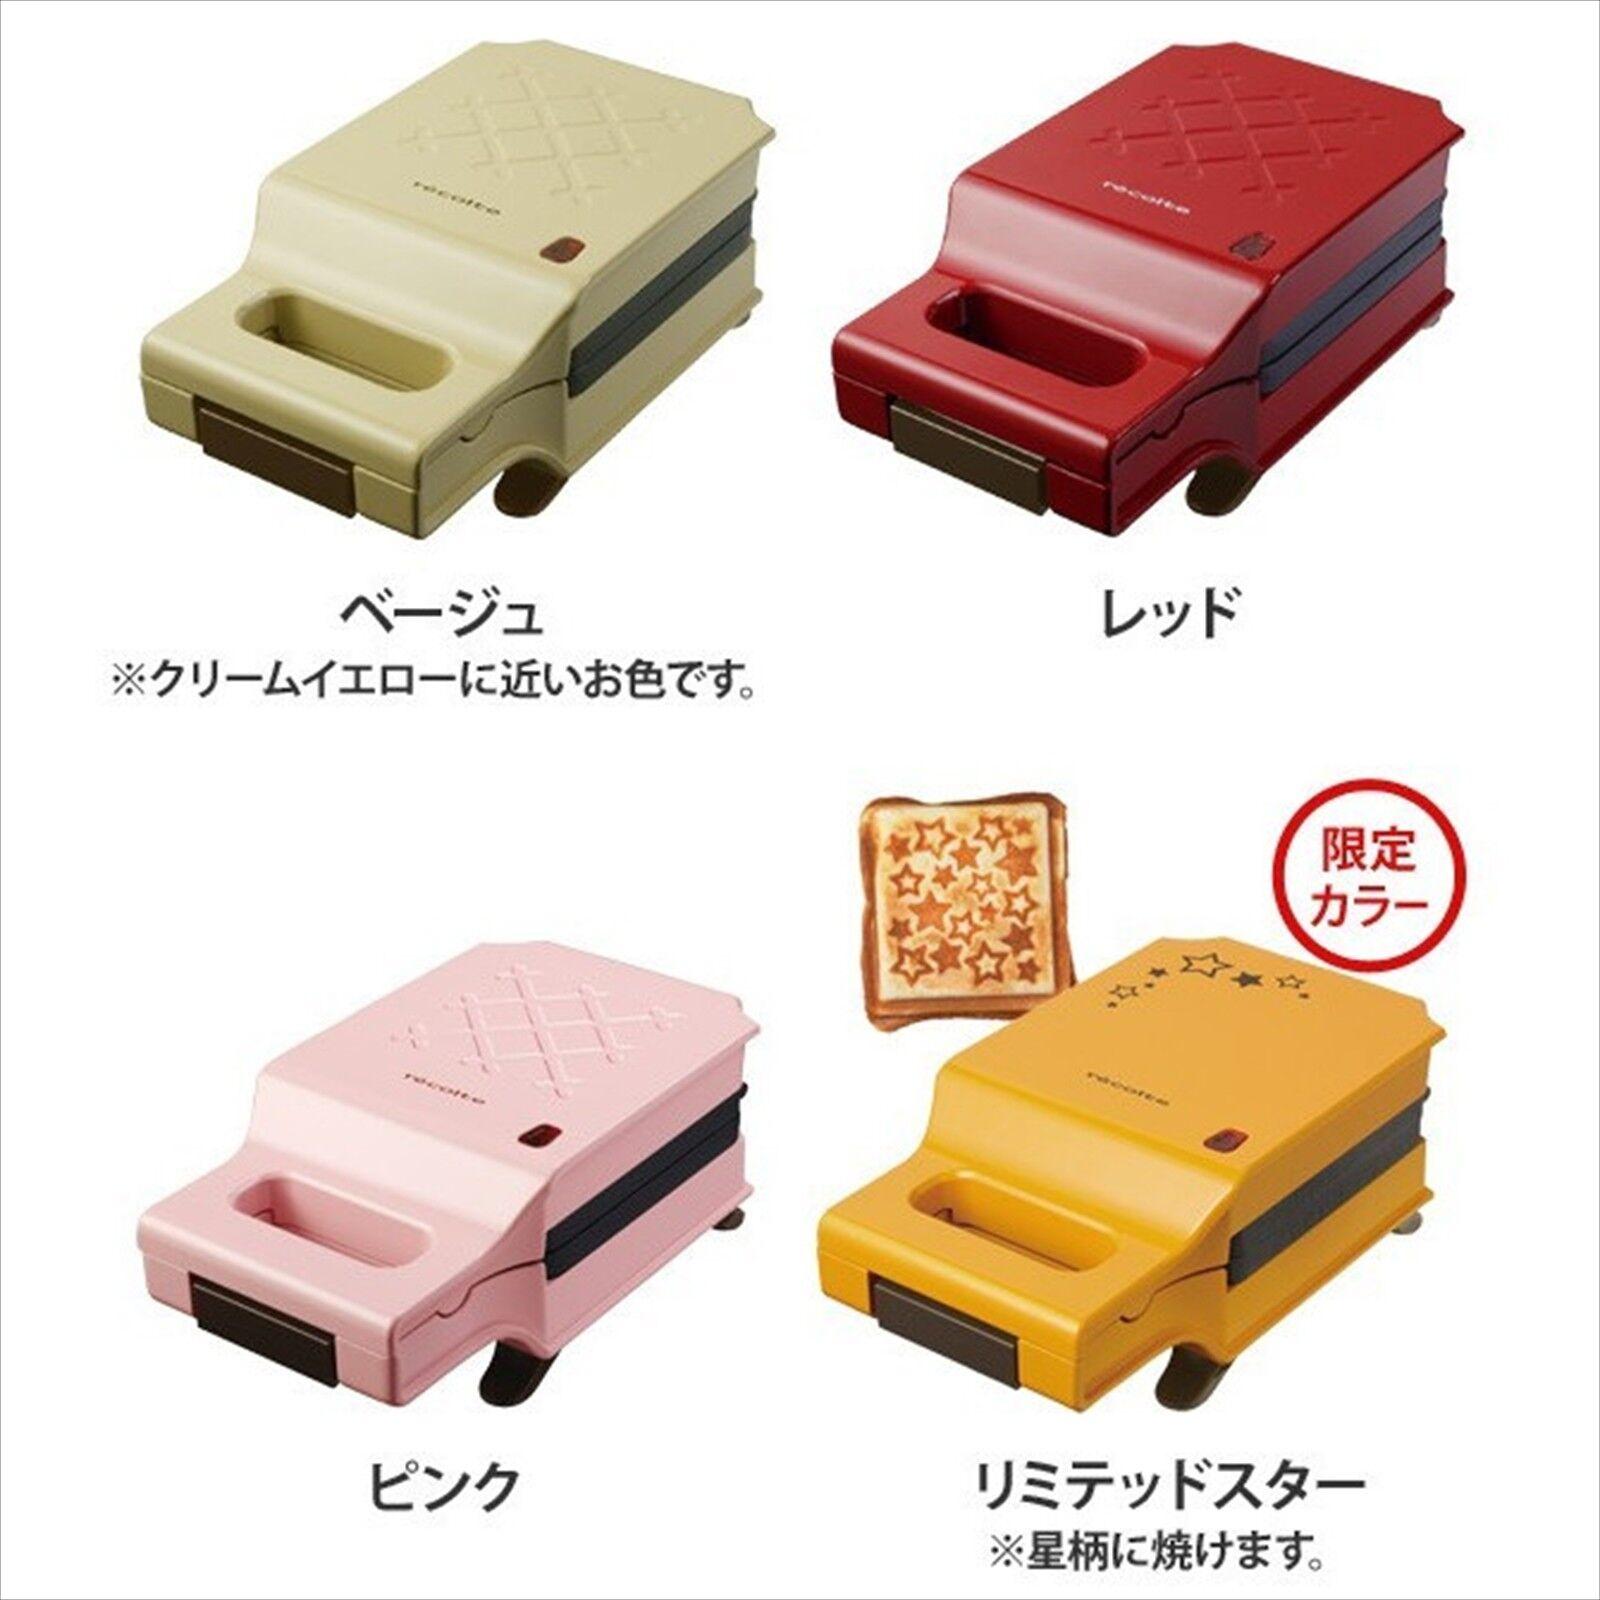 RECOLTE Press sable Maker Couette Sandwich Grille-pain RPS-1 F S du Japon